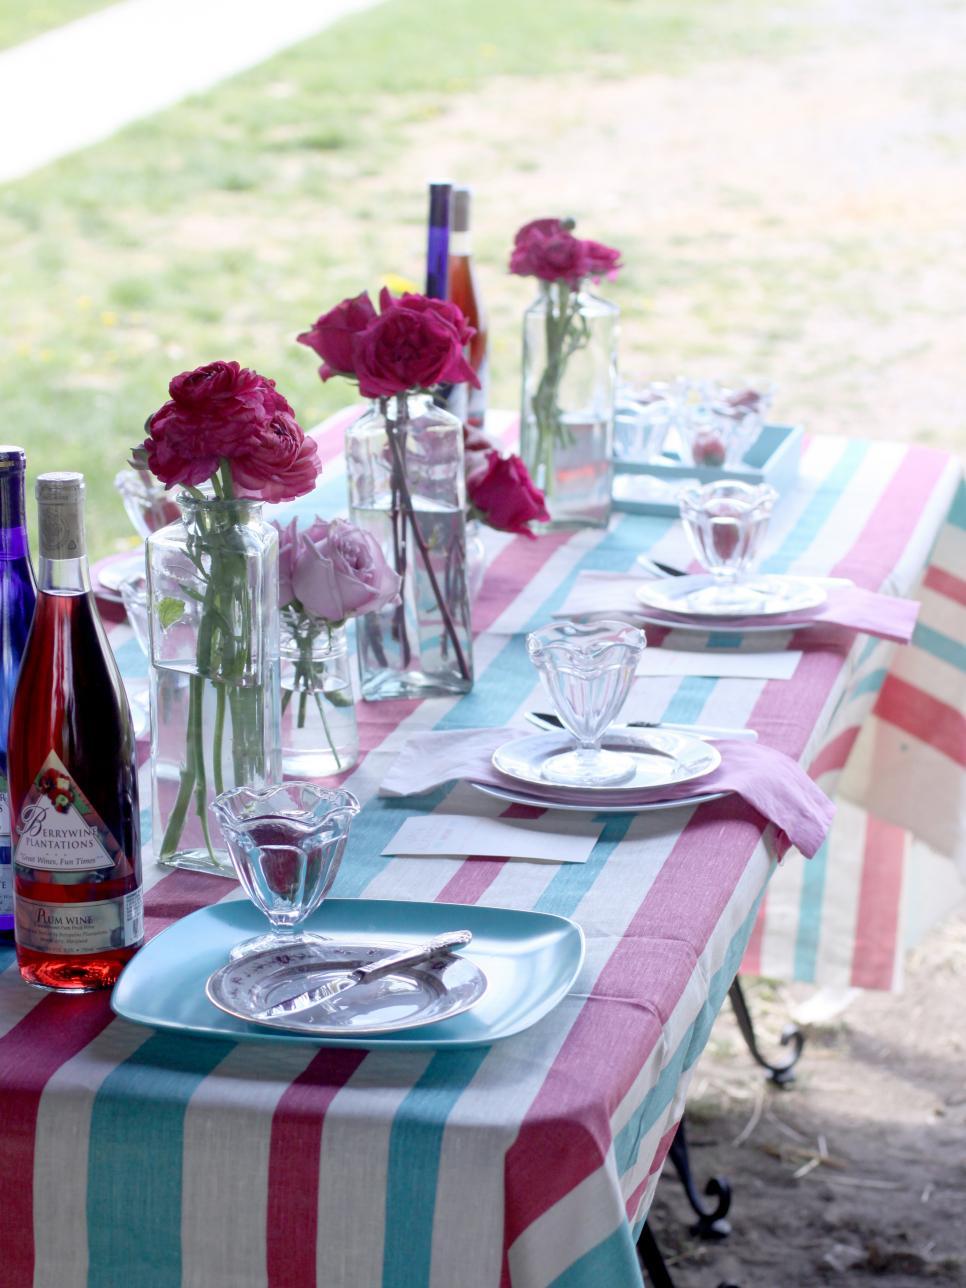 3 stylish summer table setting ideas hgtv - Summer table setting ideas ...